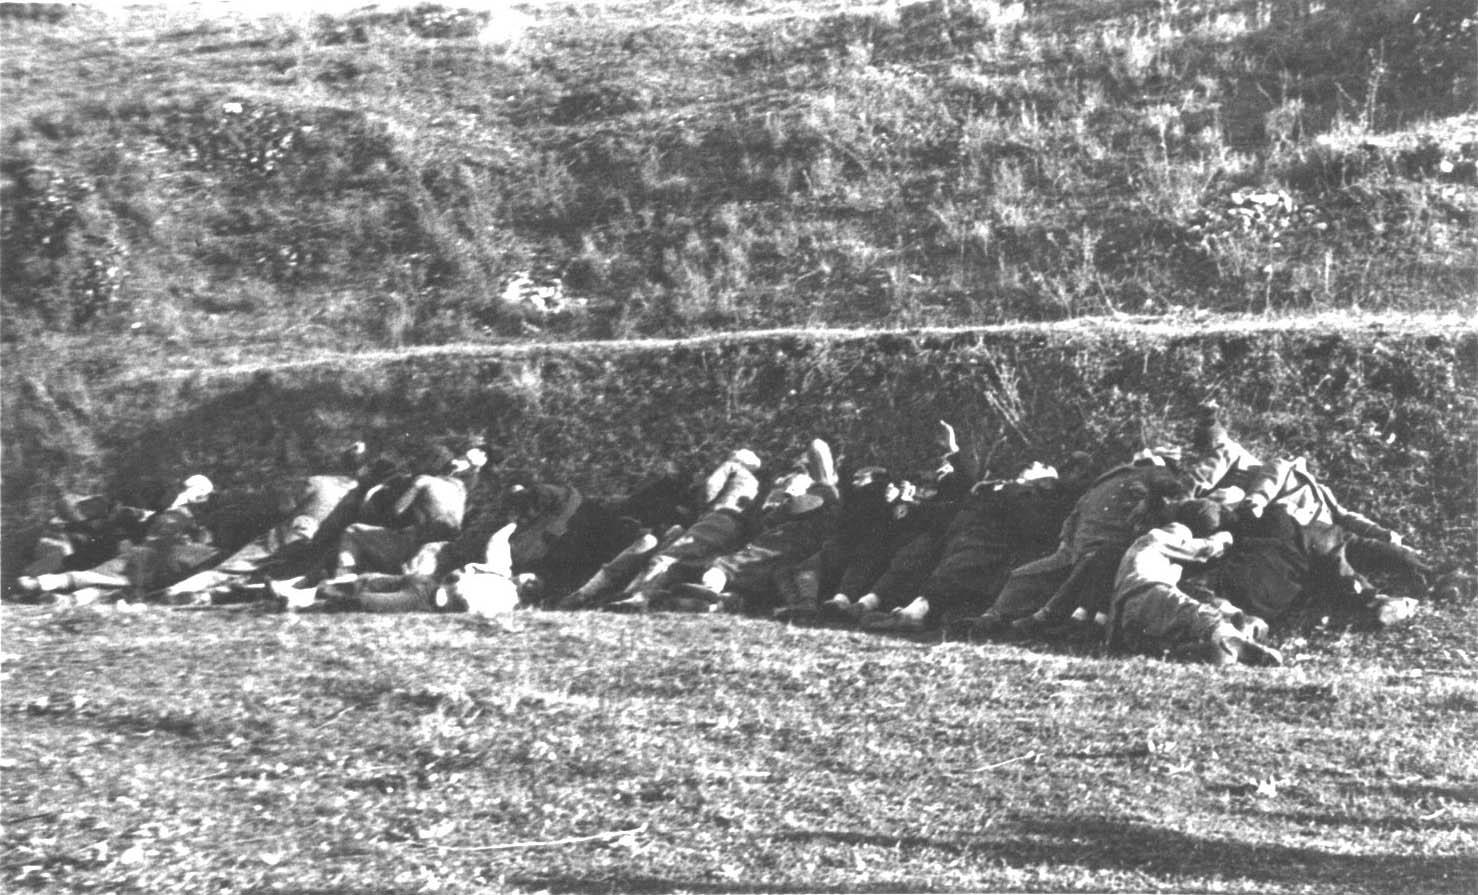 Quell 39 elenco dei criminali di guerra italiani e nazisti for Planimetrie popolari